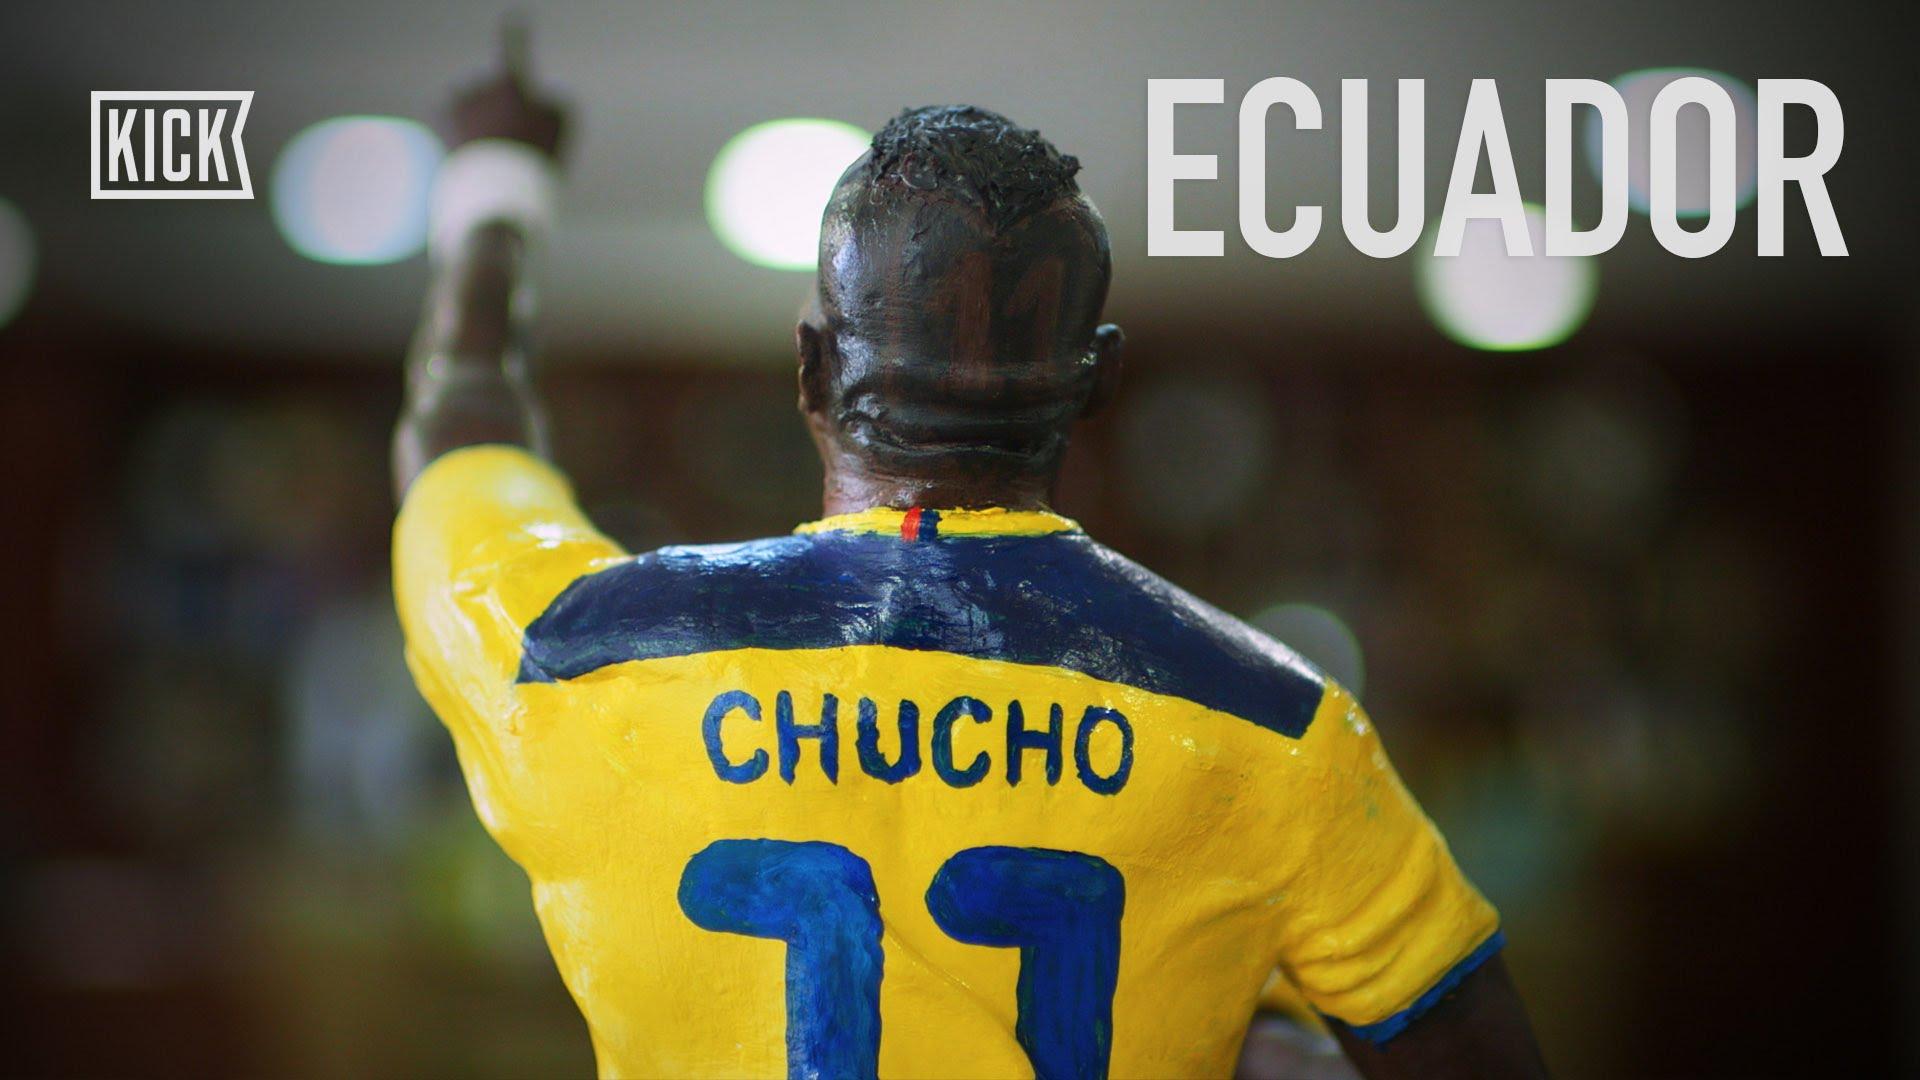 Como el fútbol cambio Ecuador…según Kick